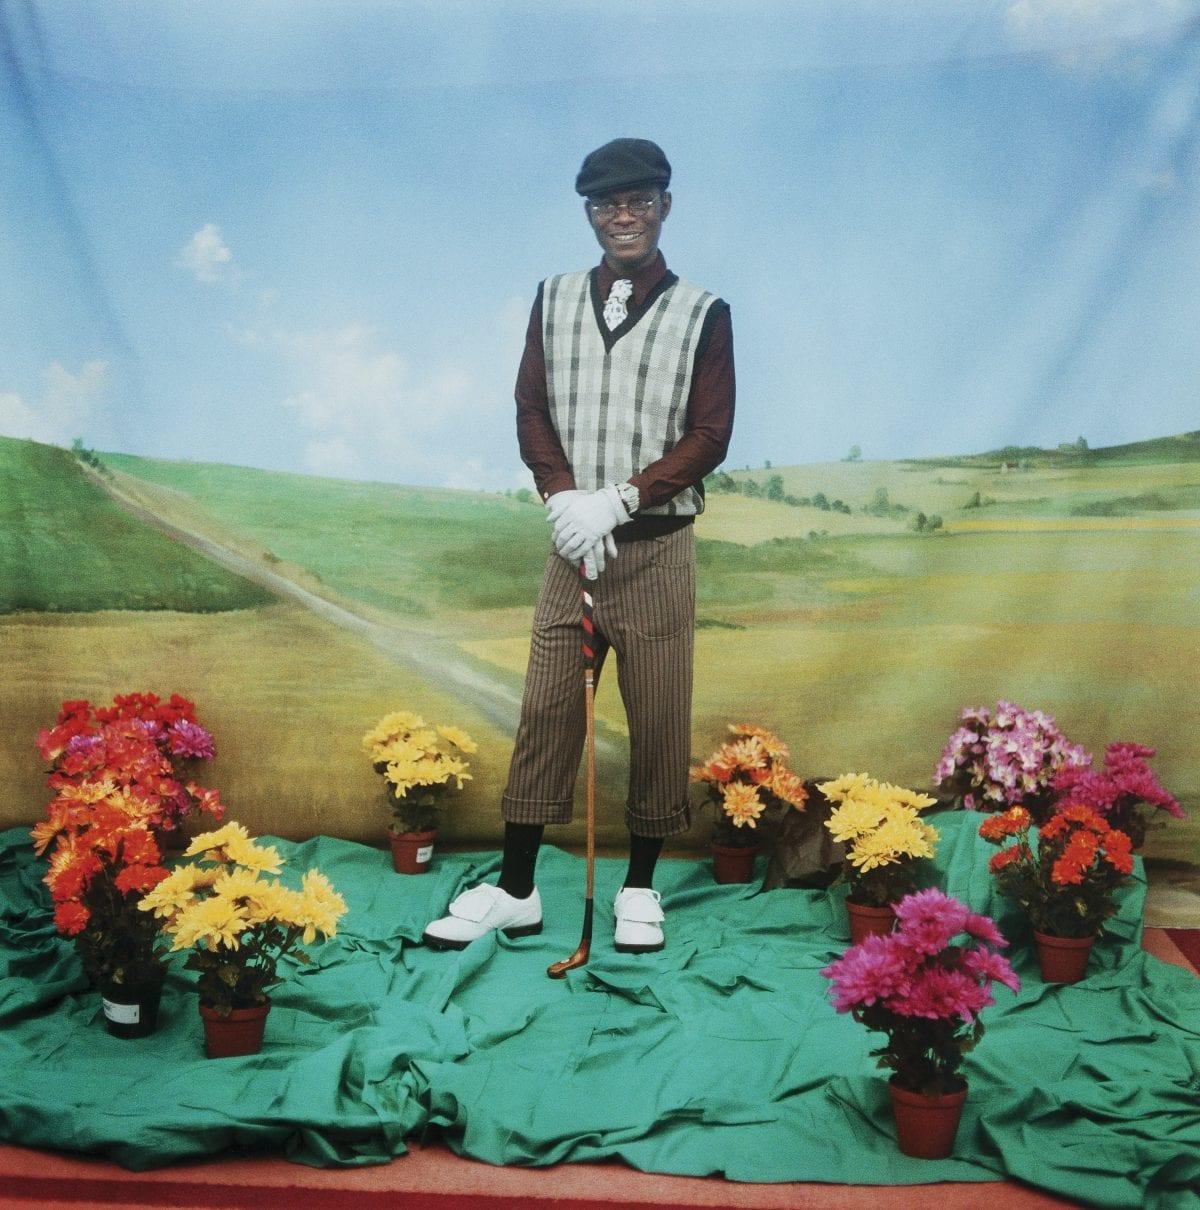 Le Golfeur Autoportrait Série TATI Photographie couleur 1997 120 x 120 cm